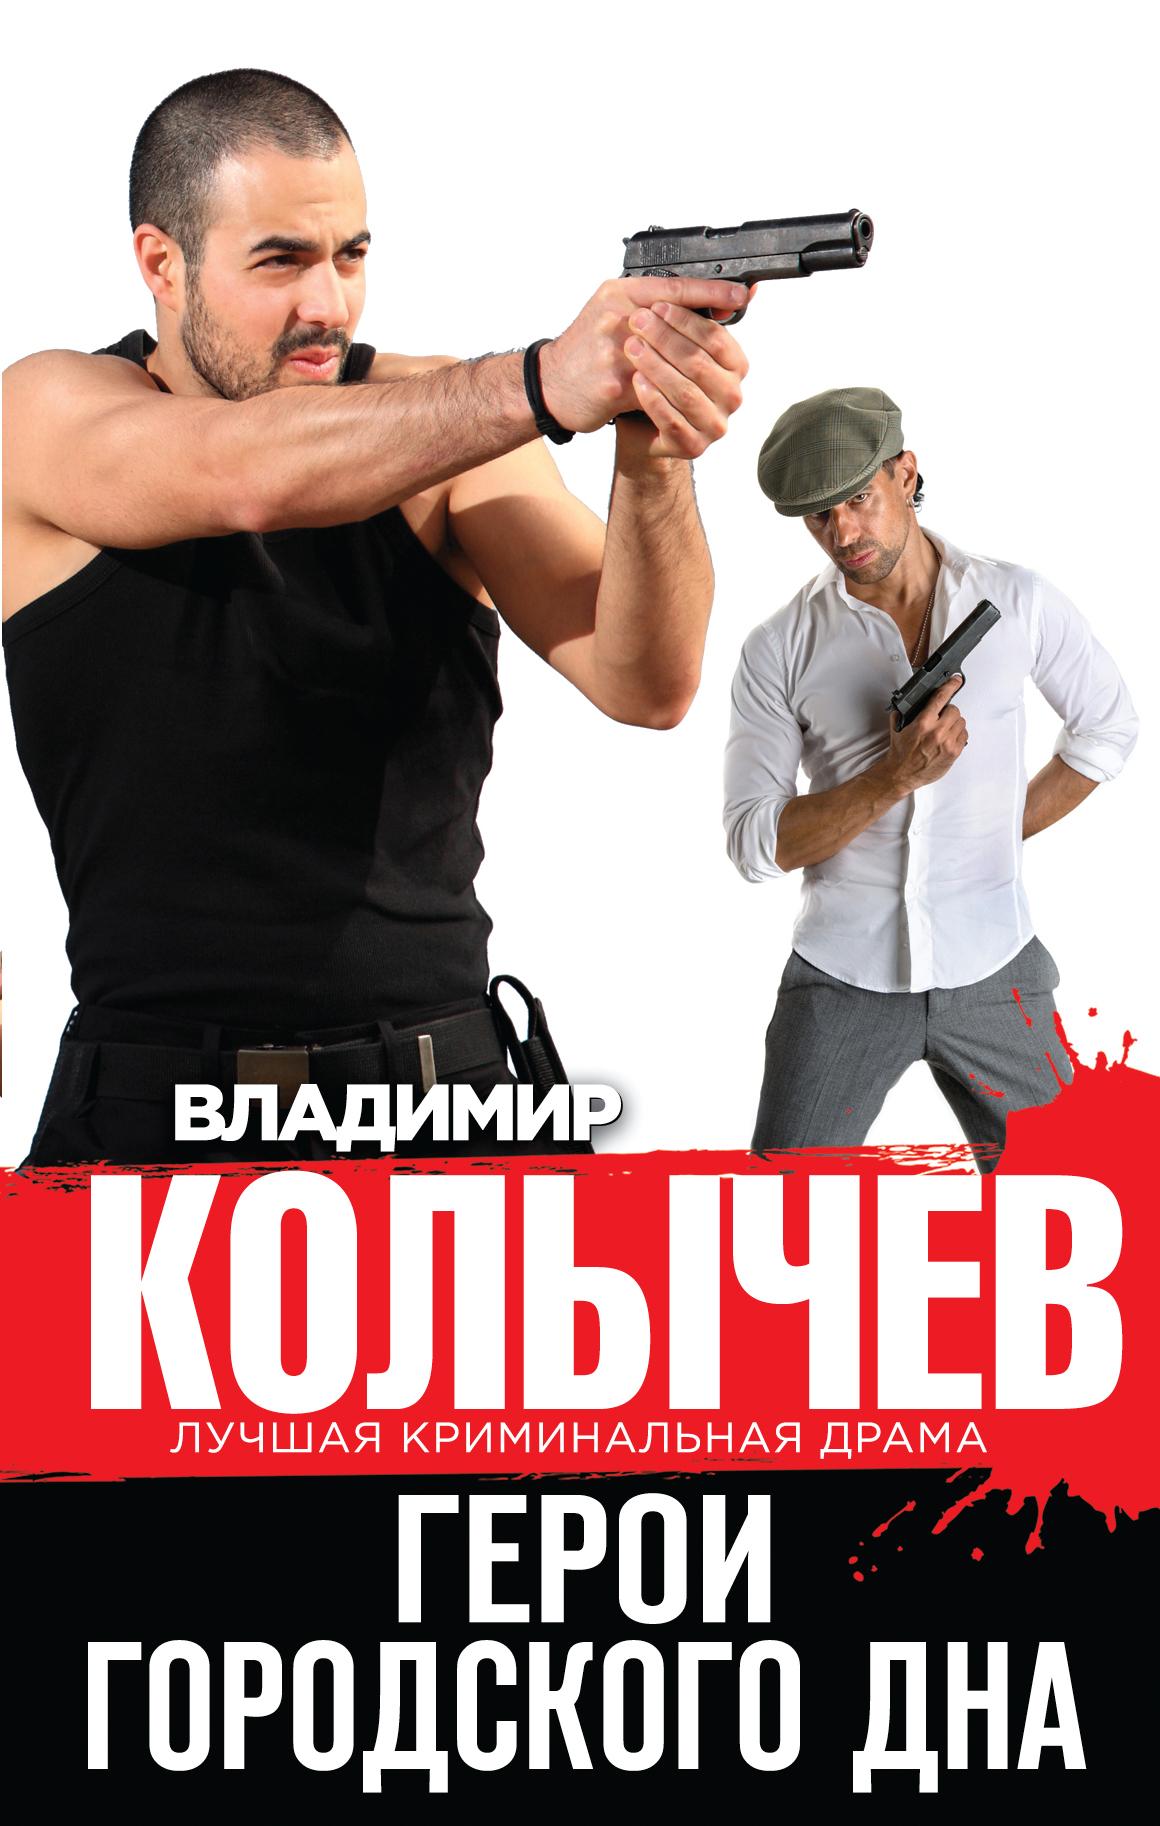 Владимир Колычев Герои городского дна колычев в голодный волк или герои городского дна